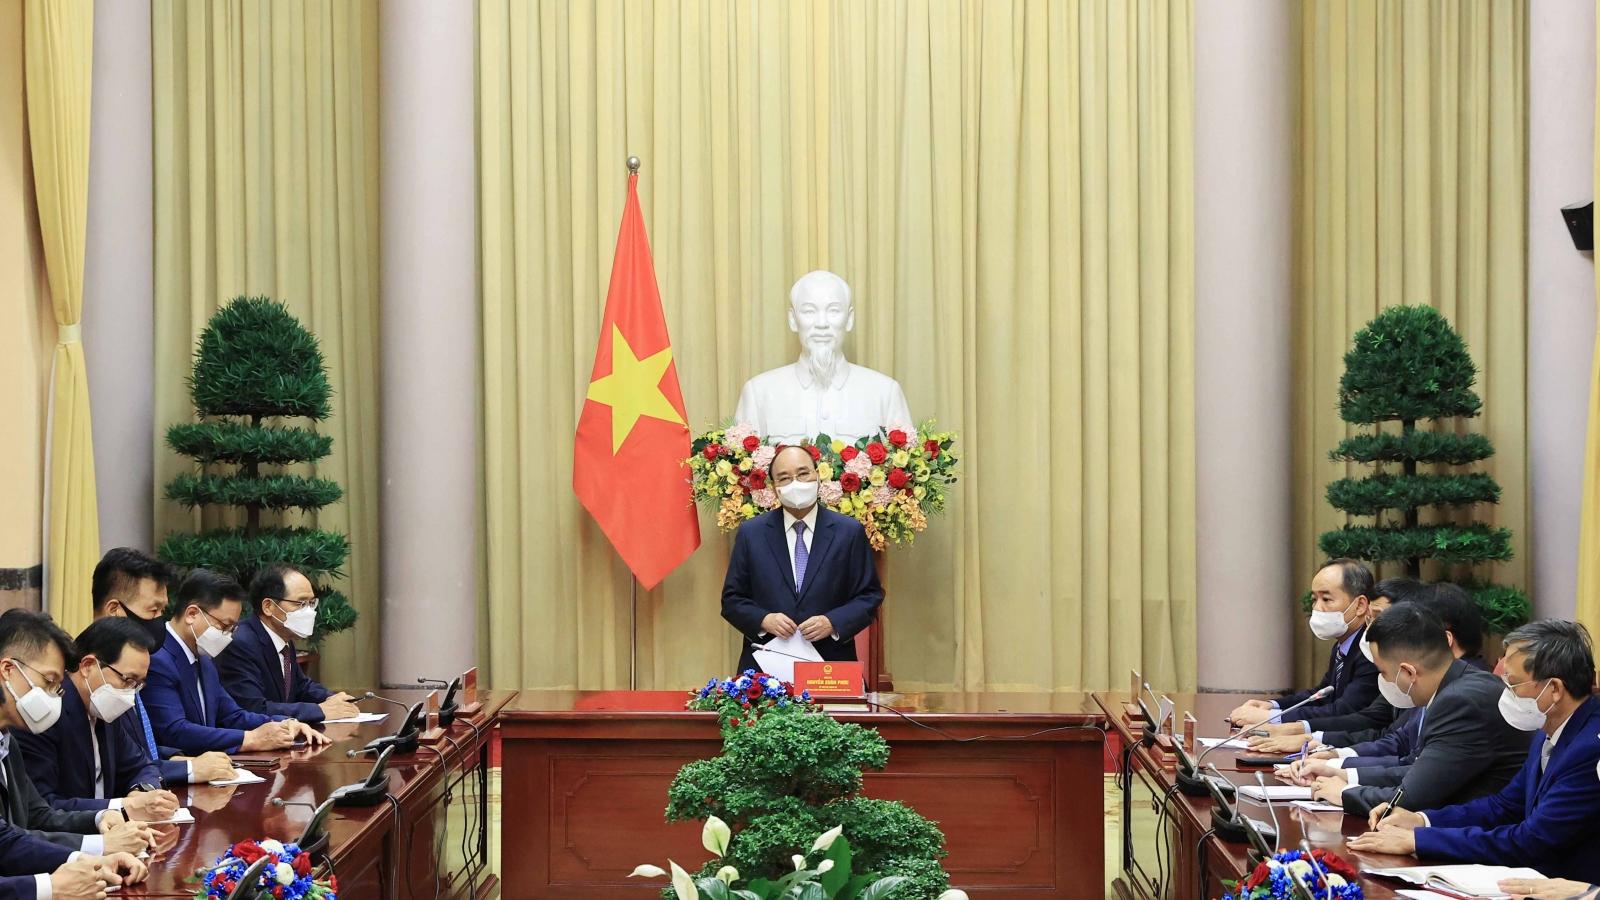 Chủ tịch nước: Việt Nam mong muốn hợp tác với Hàn Quốc sản xuất vaccine